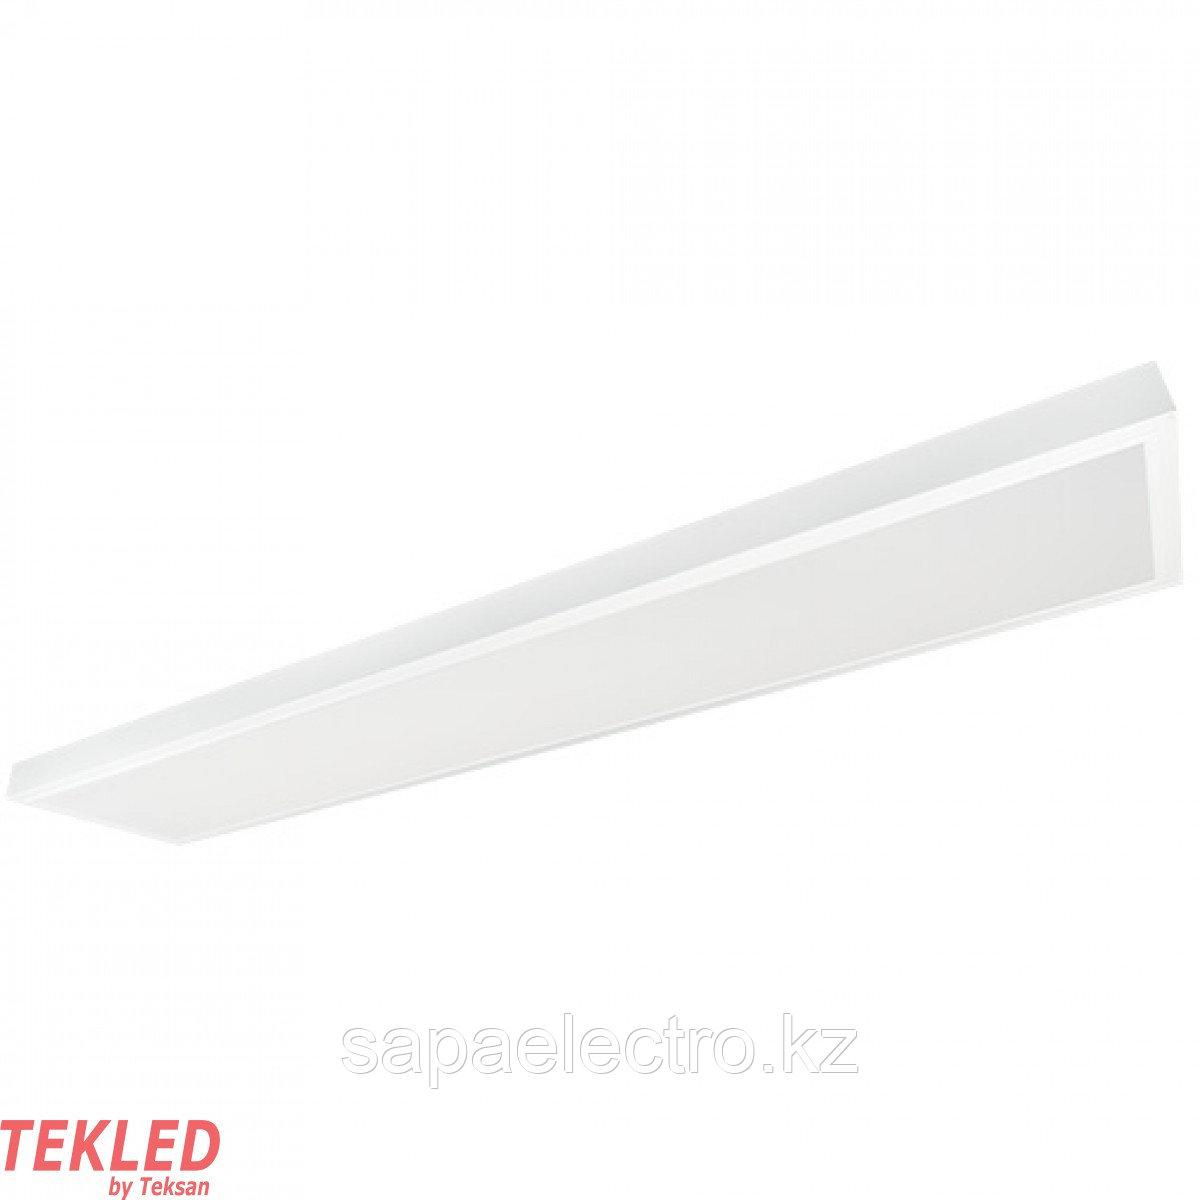 Св-к OPALLED 12X9W/LZN 236 MODERNA накл-й MEGALUX